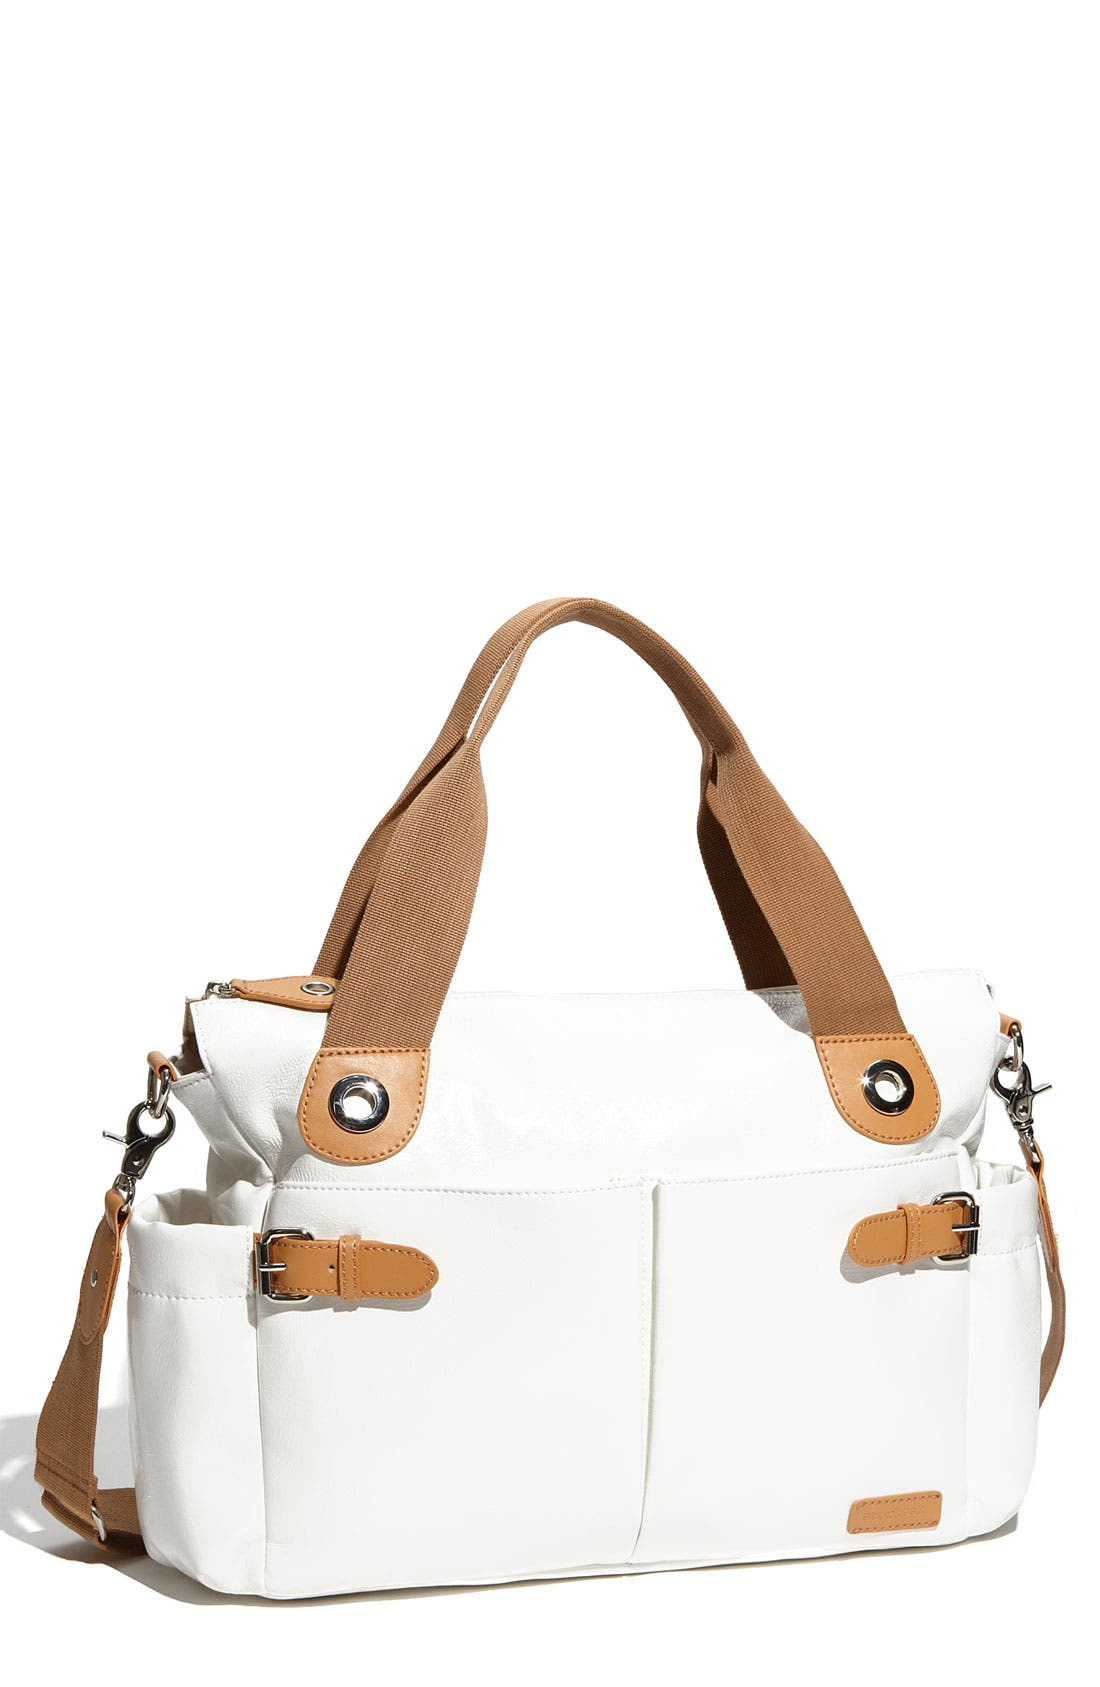 Main Image - Storksak 'Kate' Patent Diaper Bag